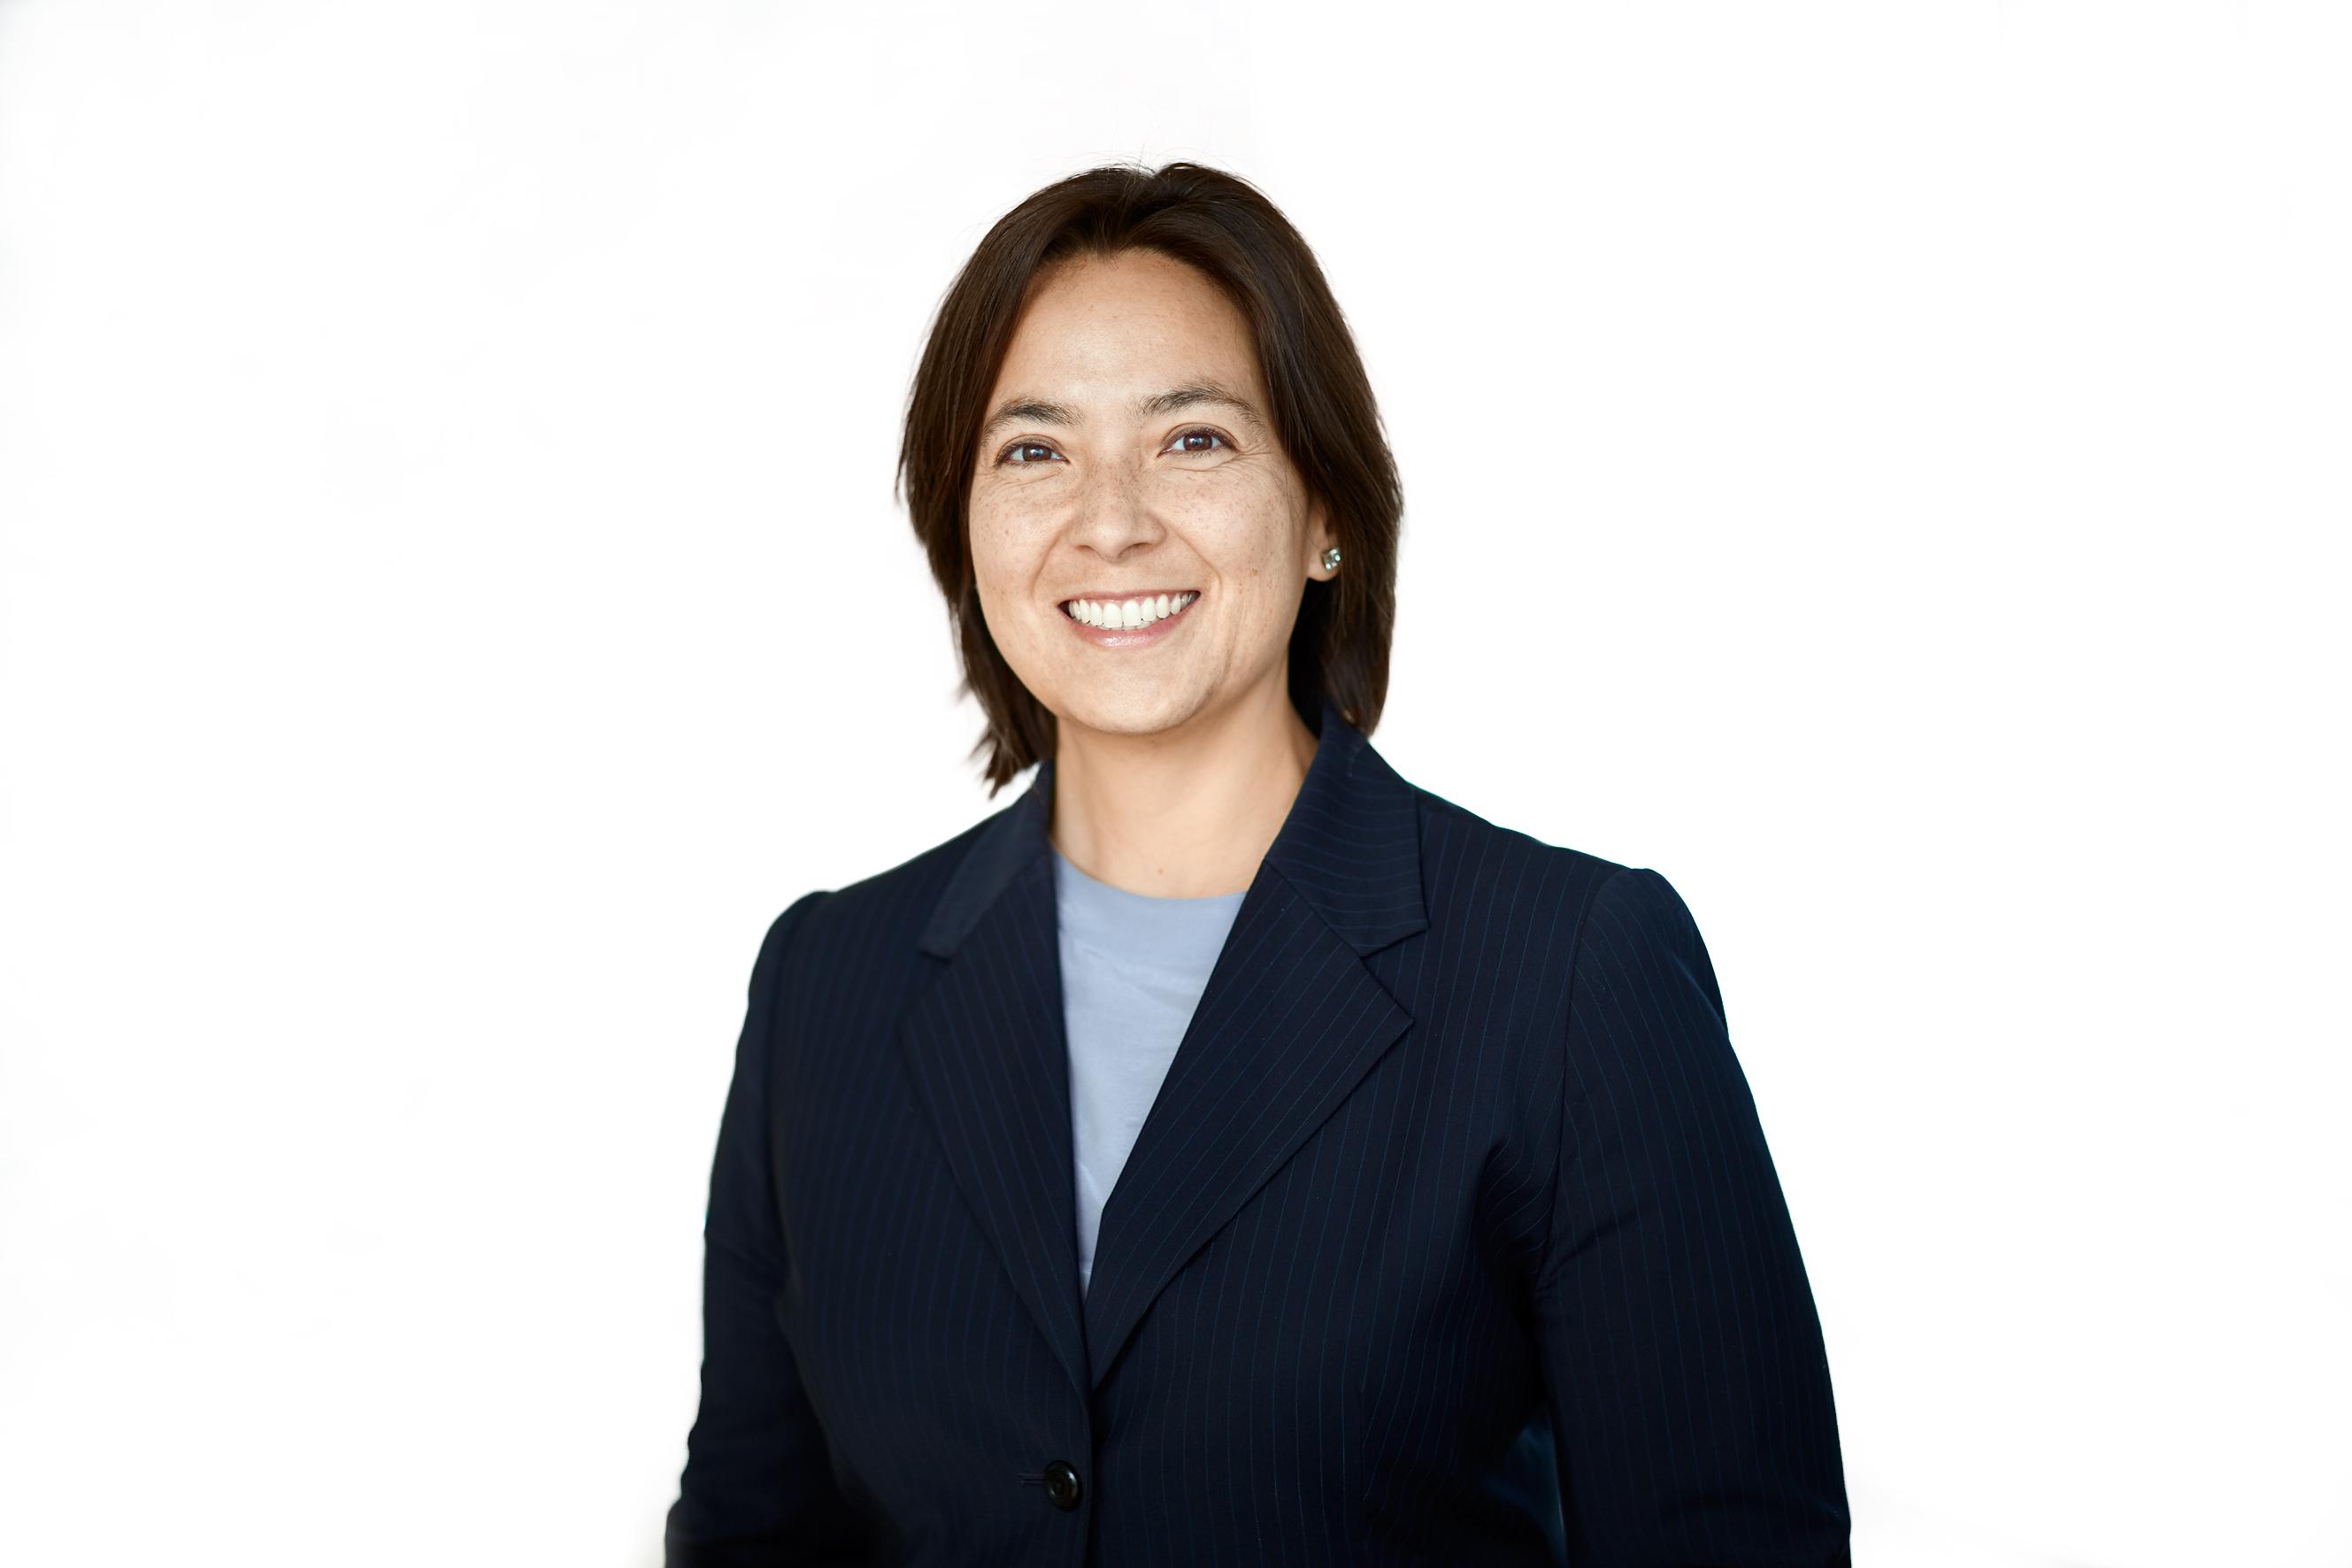 Christine Lind